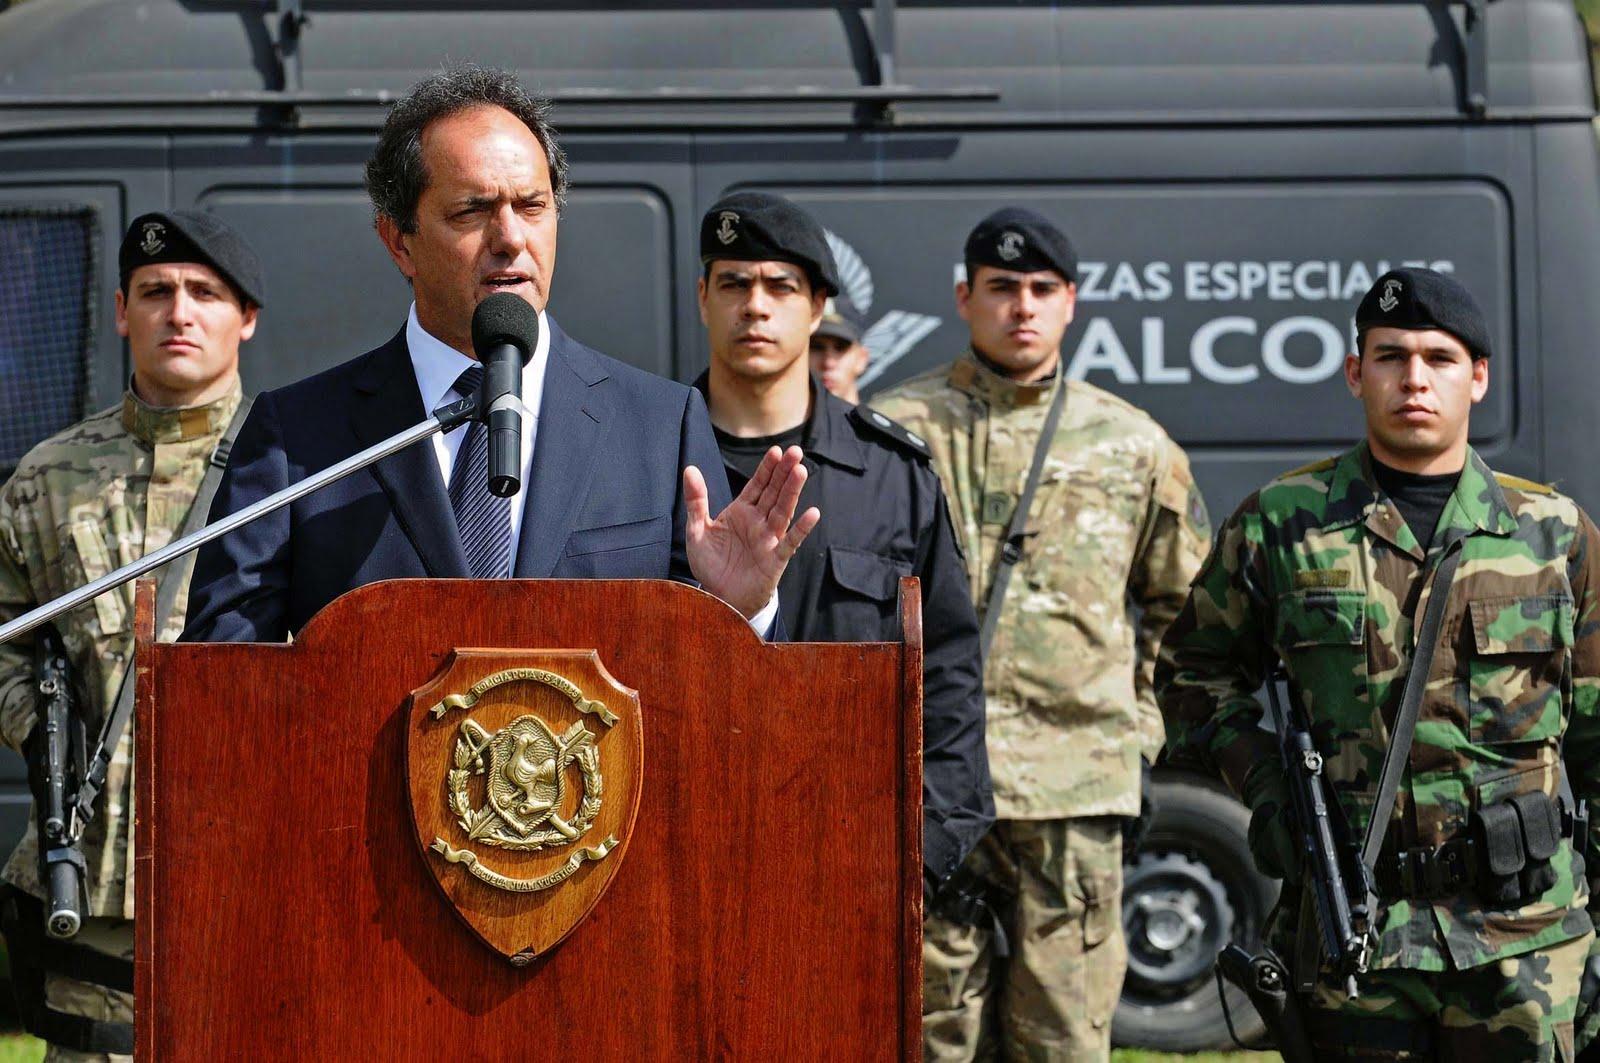 Cuchillos de las Fuerzas Especiales Argentinas (5ta Parte)